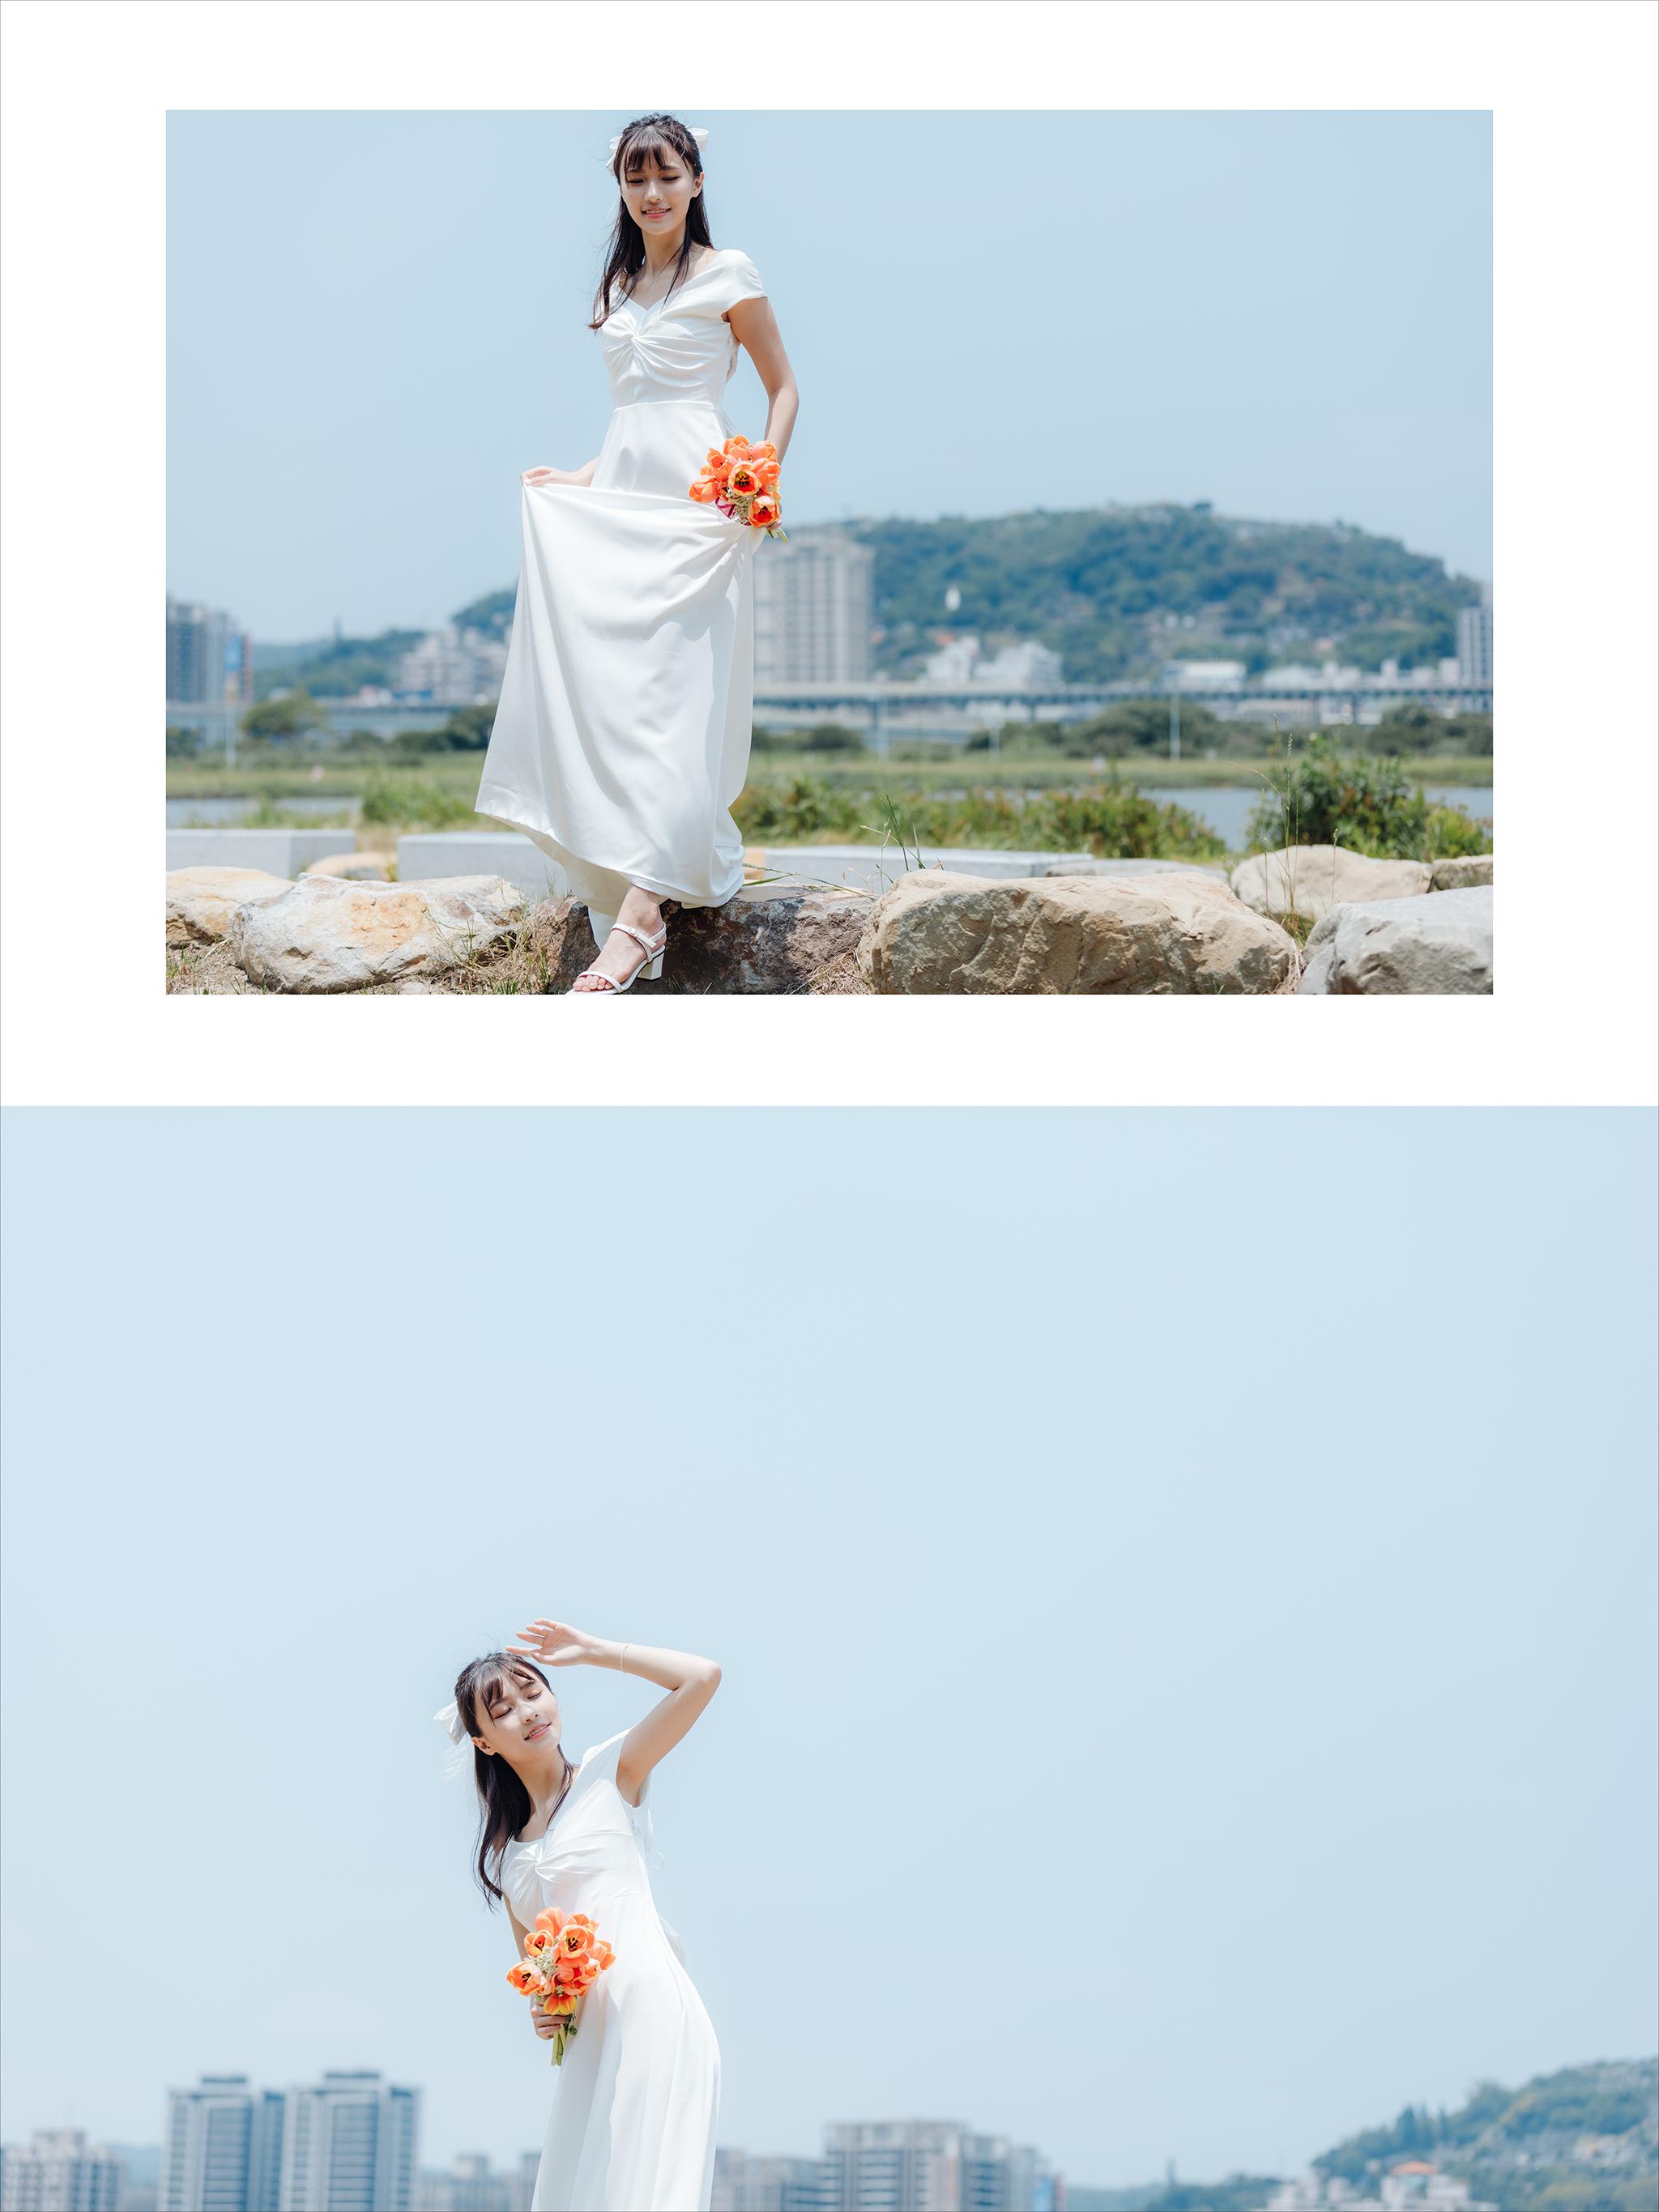 50082038301 c7fef7014c o - 【自主婚紗】+Mei+